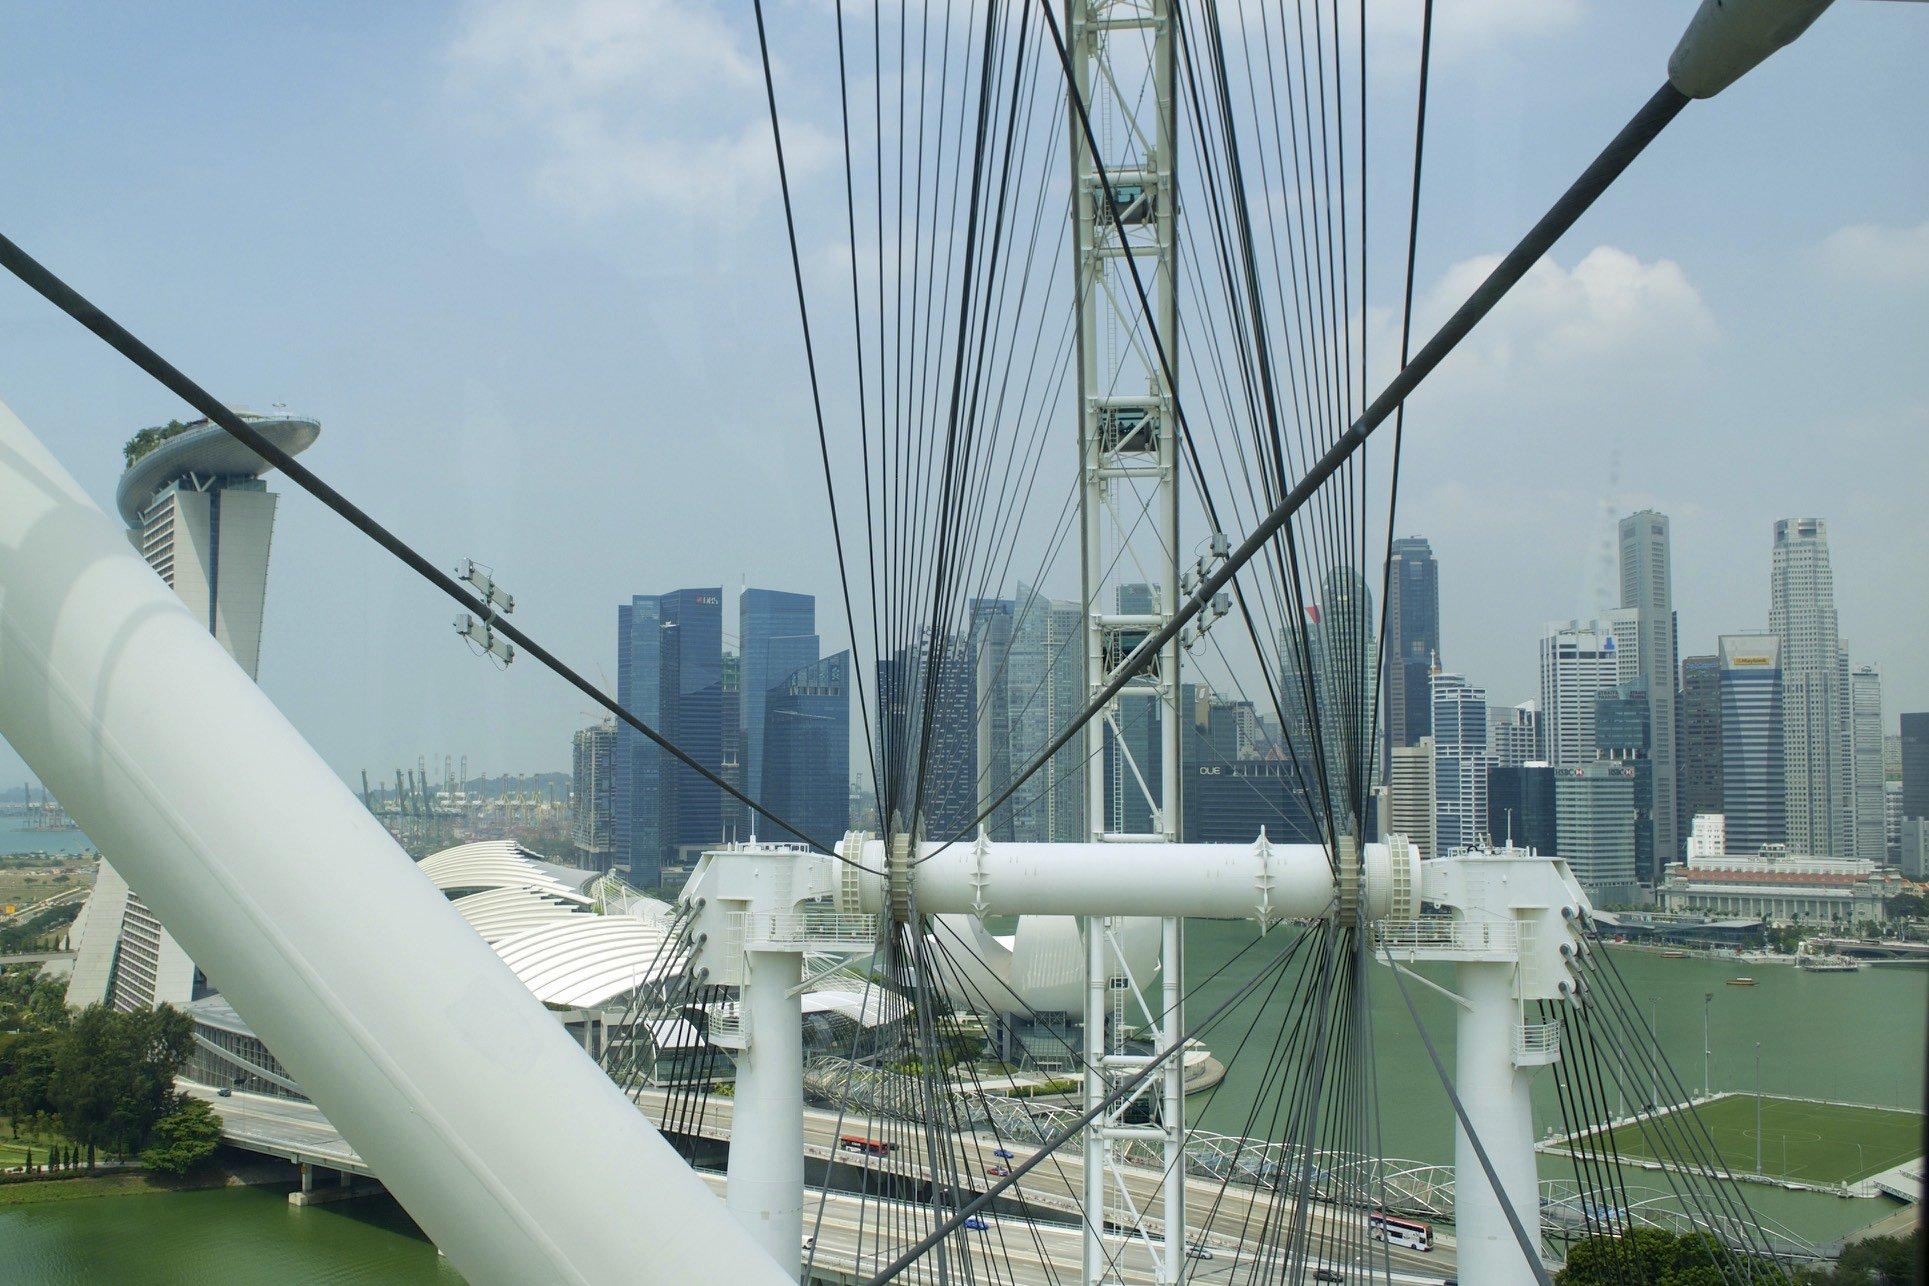 Marina Bay vom Singapur Flyer aus gesehen